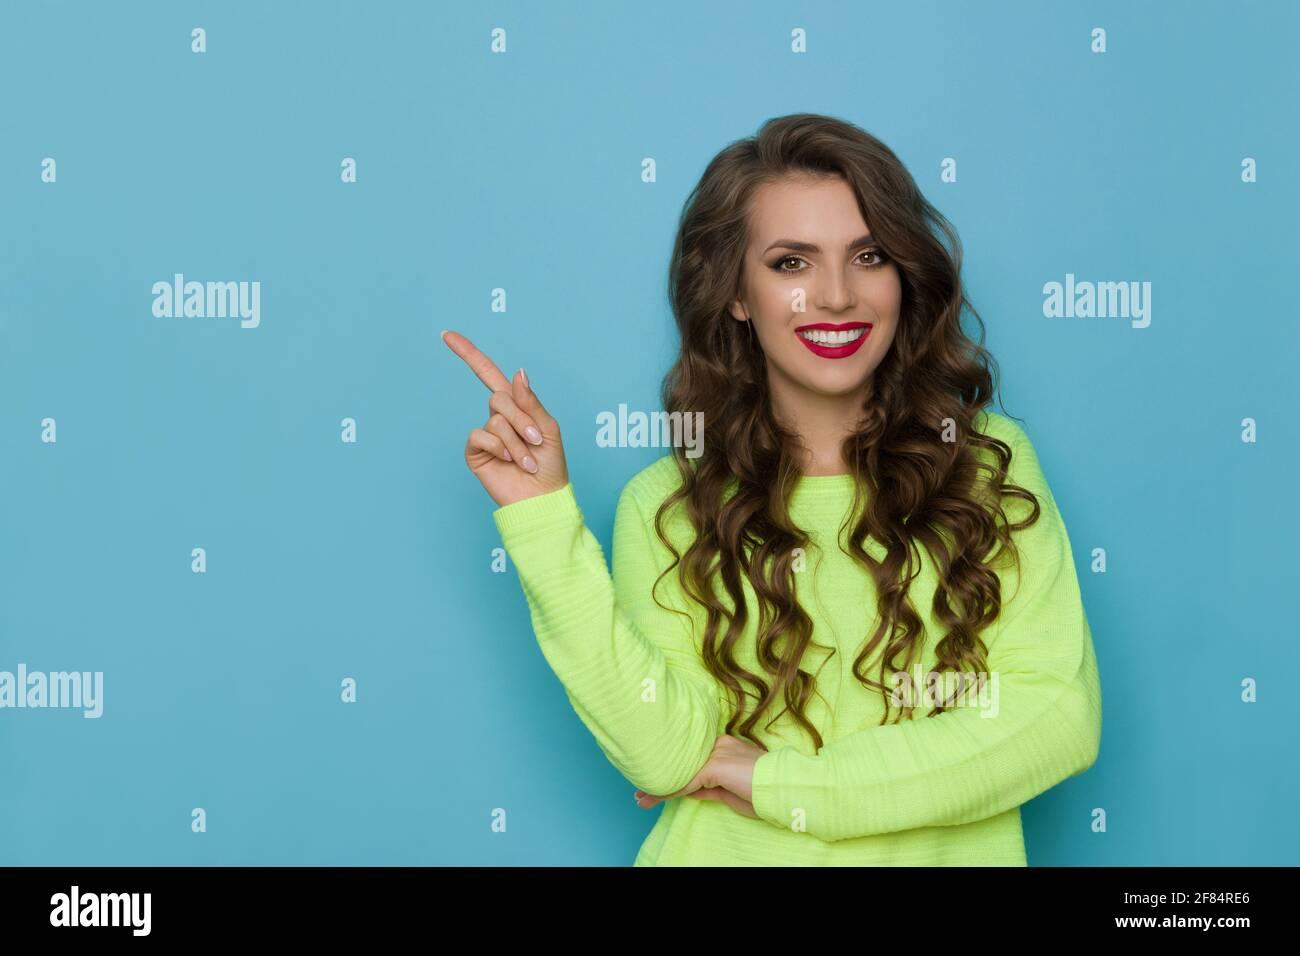 Belle jeune femme souriante dans le chandail de citron vert de néon est pointant vers le haut. Vue avant. Taille haute studio tourné sur fond bleu. Banque D'Images